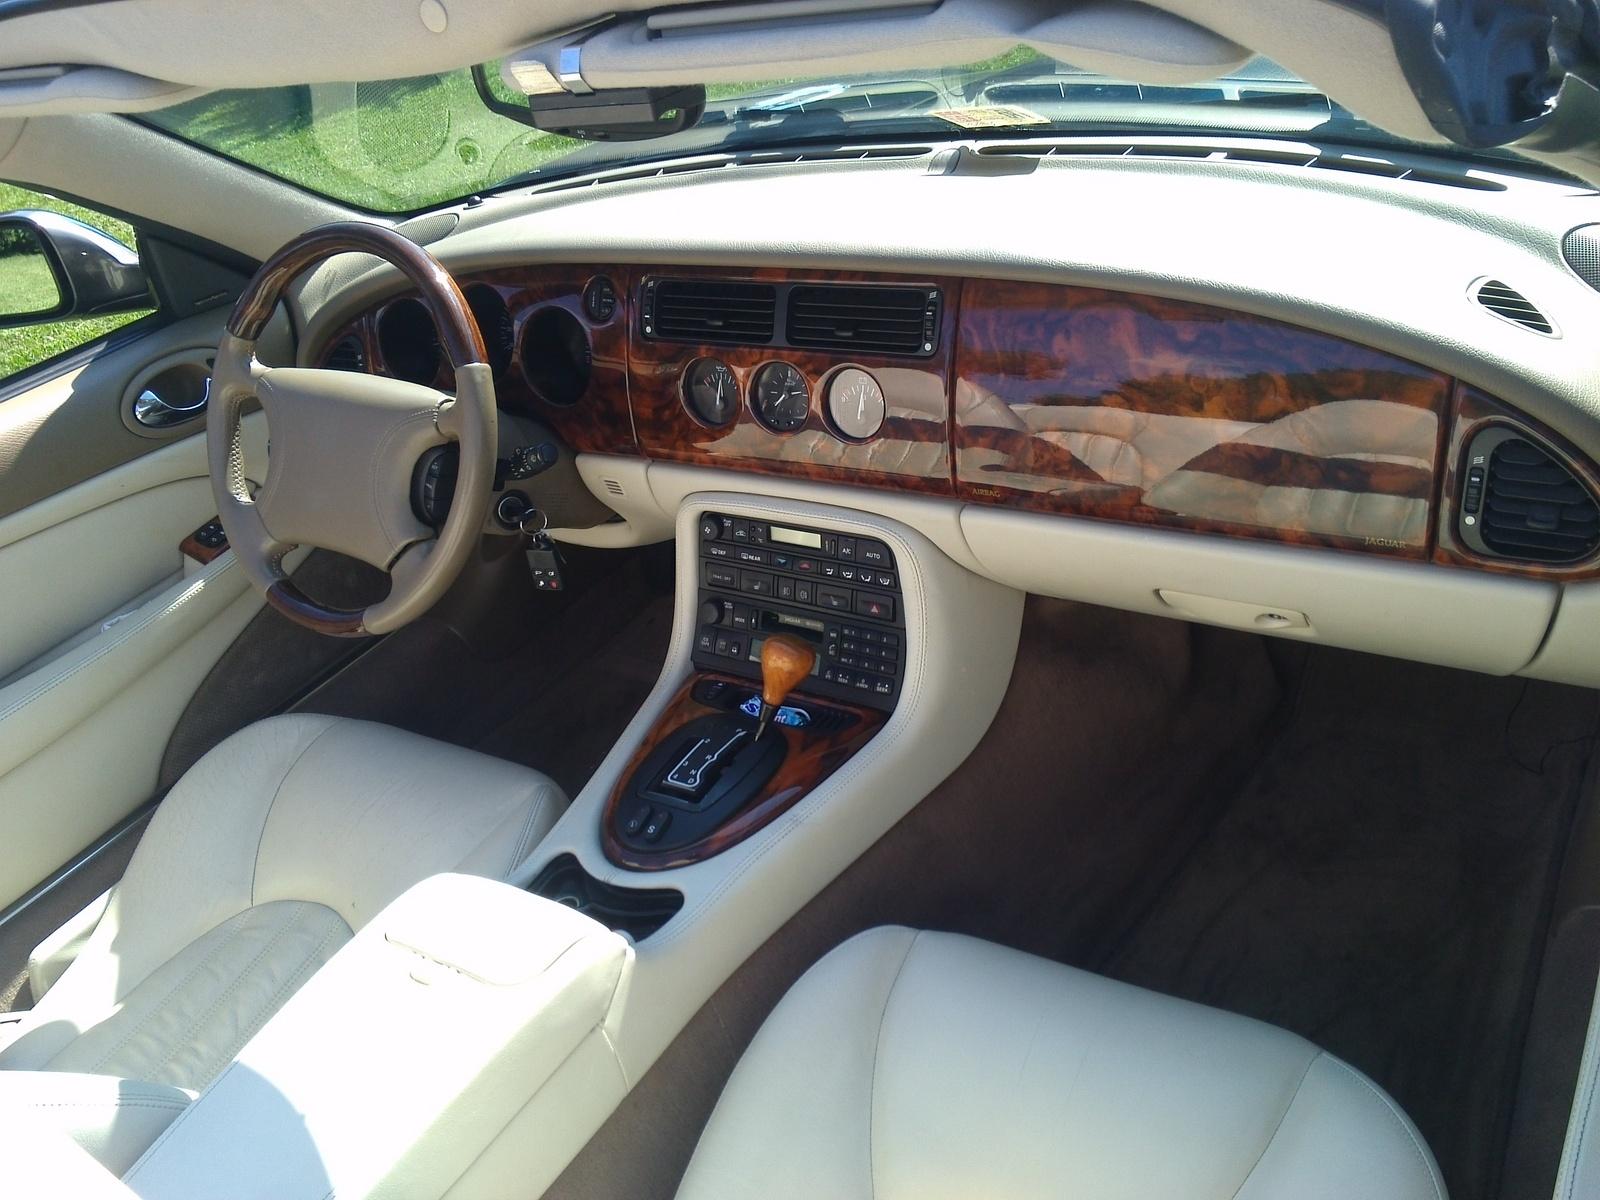 Jaguar Xk8 Body Kit 2007 XKR Headlight Modification Jaguar